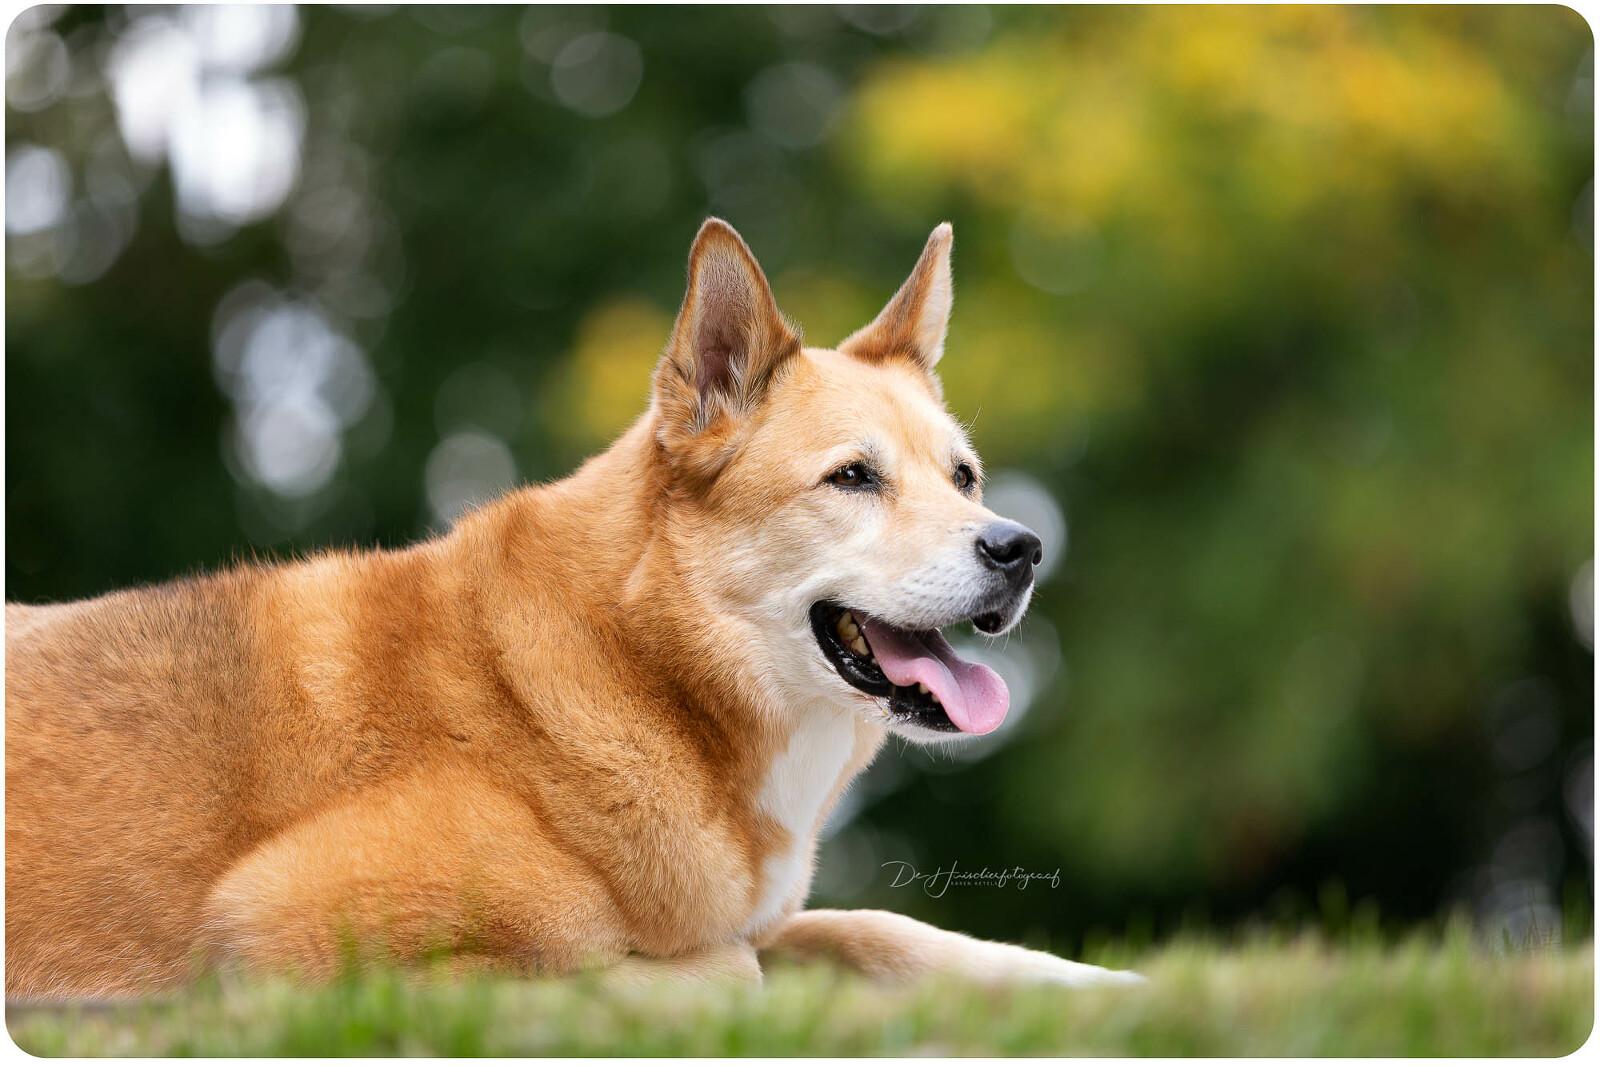 Buitenportret van Kiara, een kruising tussen een Husky en een Aiko. Portret door De Huisdierfotograaf